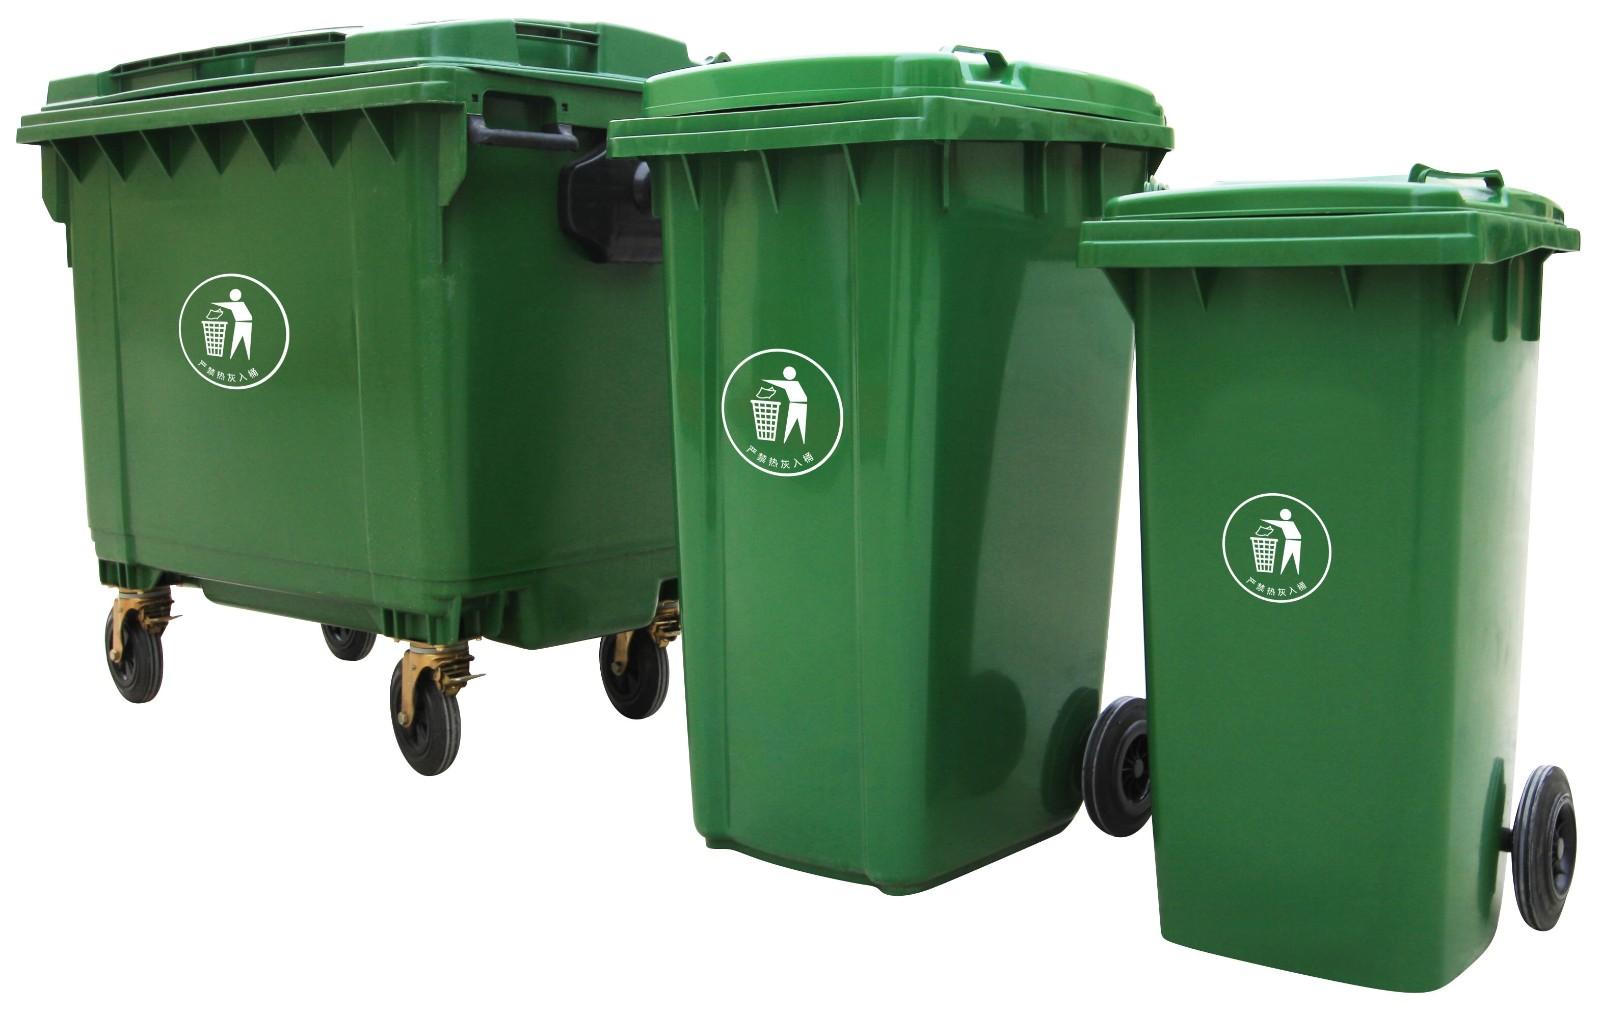 街道保洁120L/240L塑料钢材垃圾桶 带滑轮 图片四